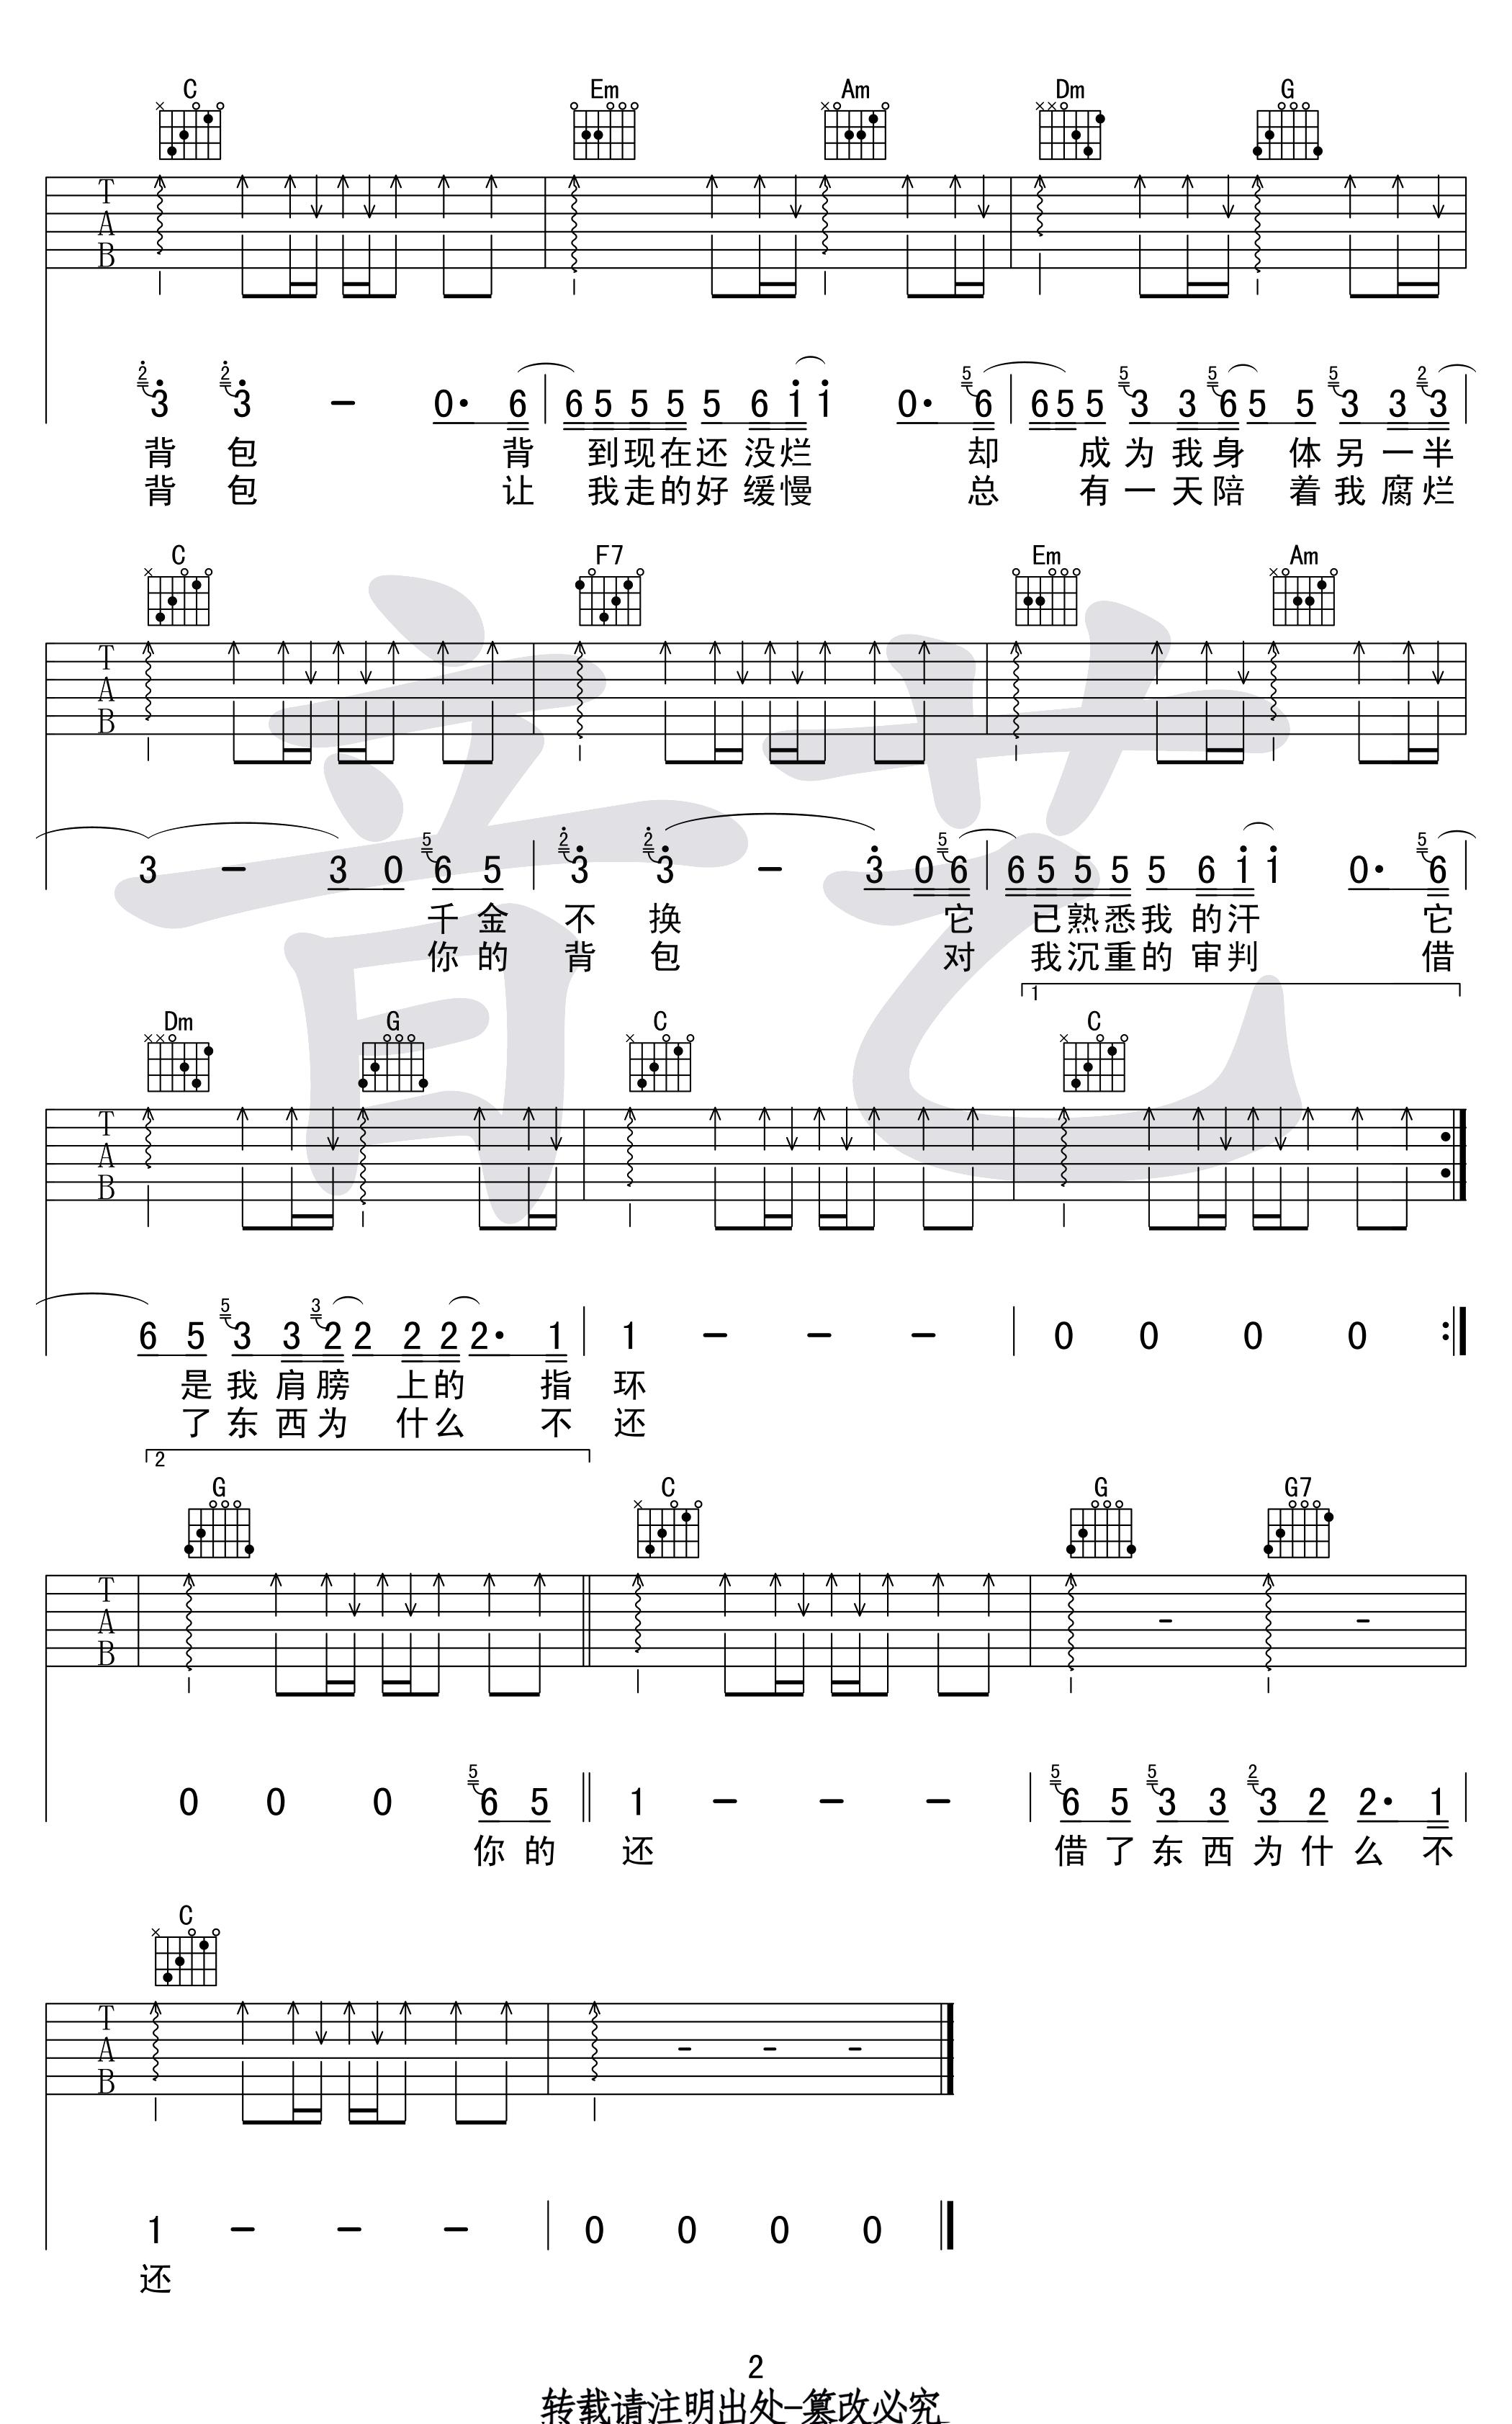 陈奕迅-你的背包吉他谱-2